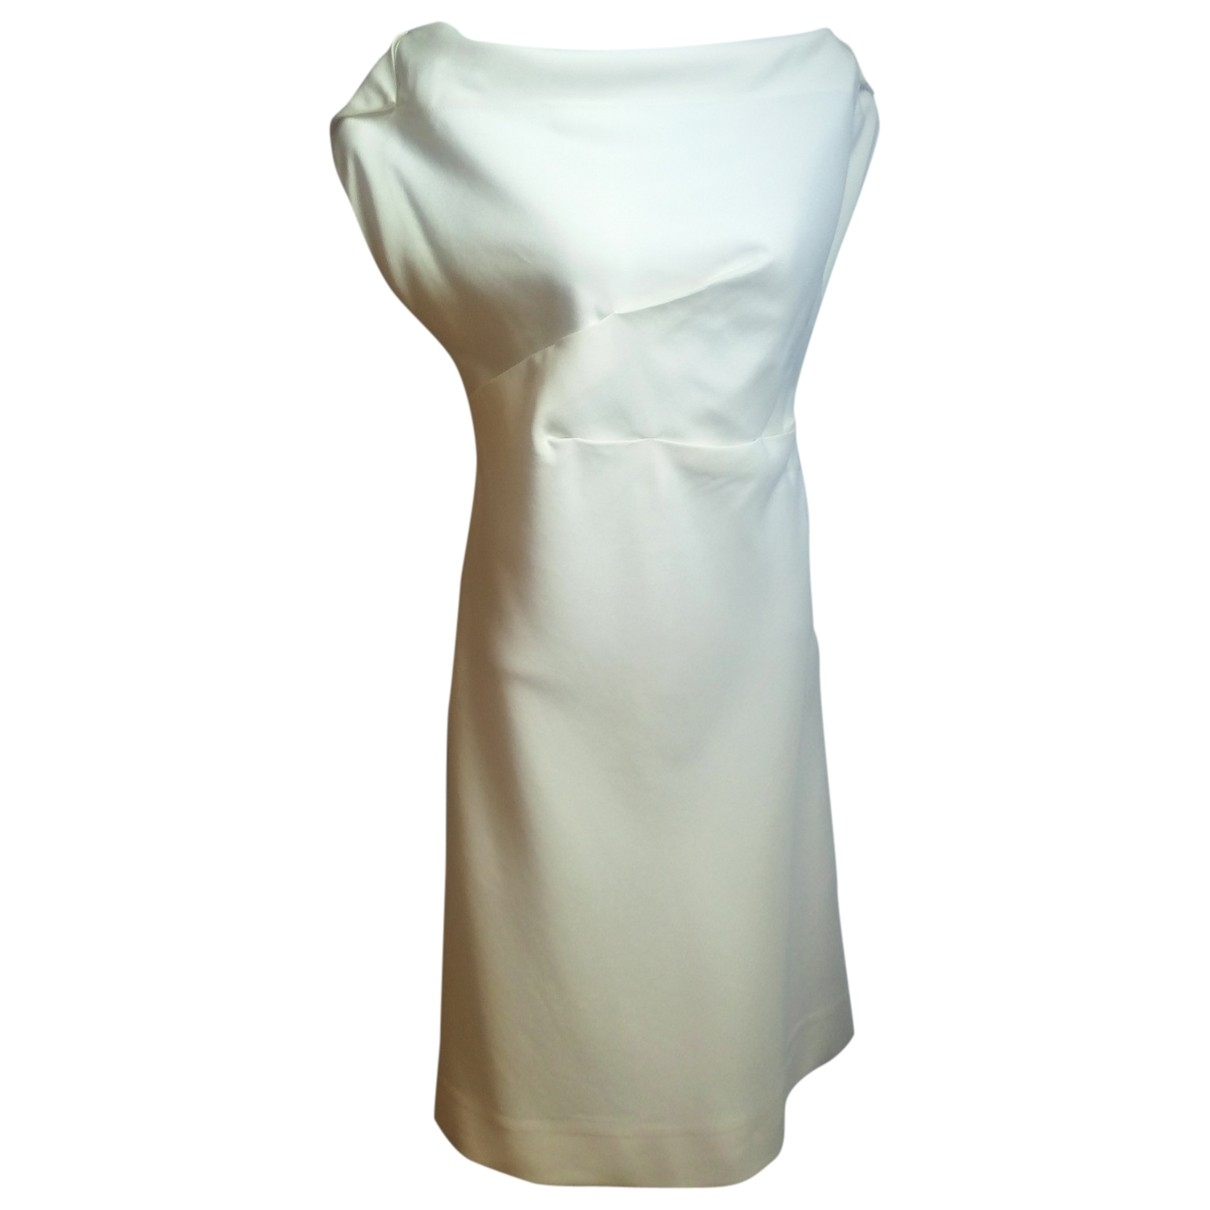 Margaret Howell \N Beige Cotton dress for Women 44 IT